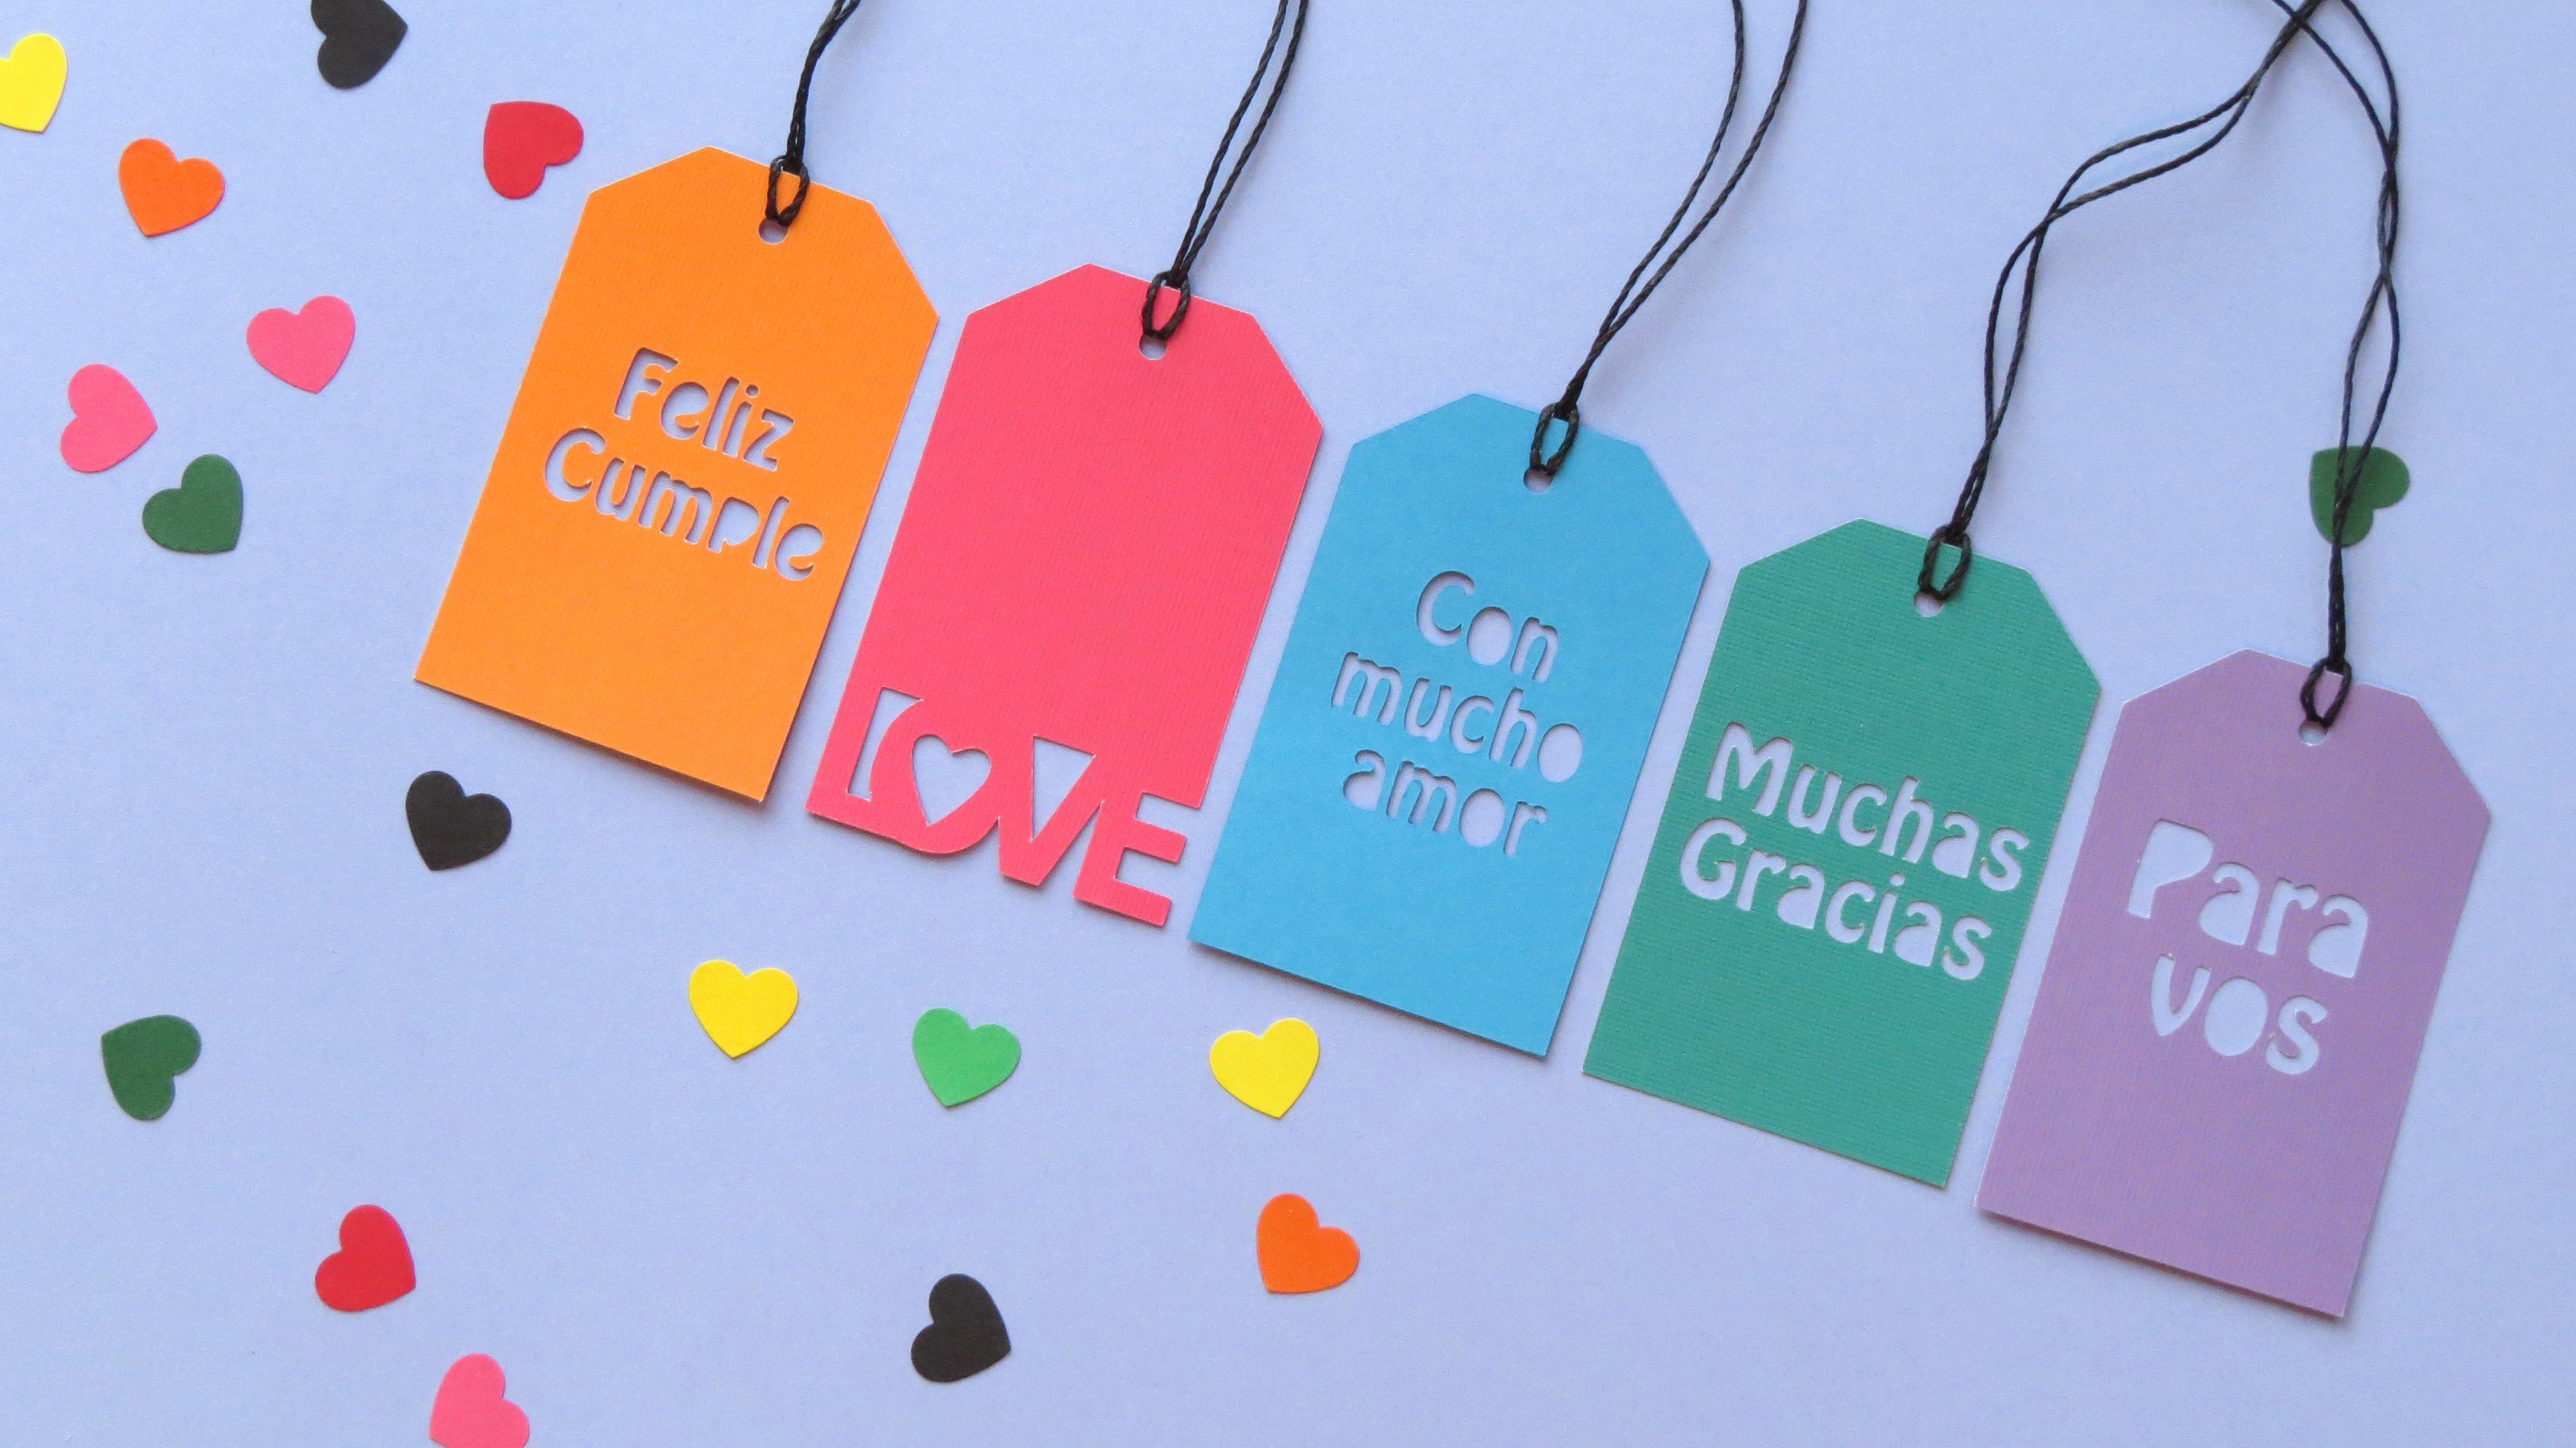 abfb1d39b7 Etiquetas caladas  FelizCumple  LOVE  Muchasgracias  Paravos  Conmuchoamor